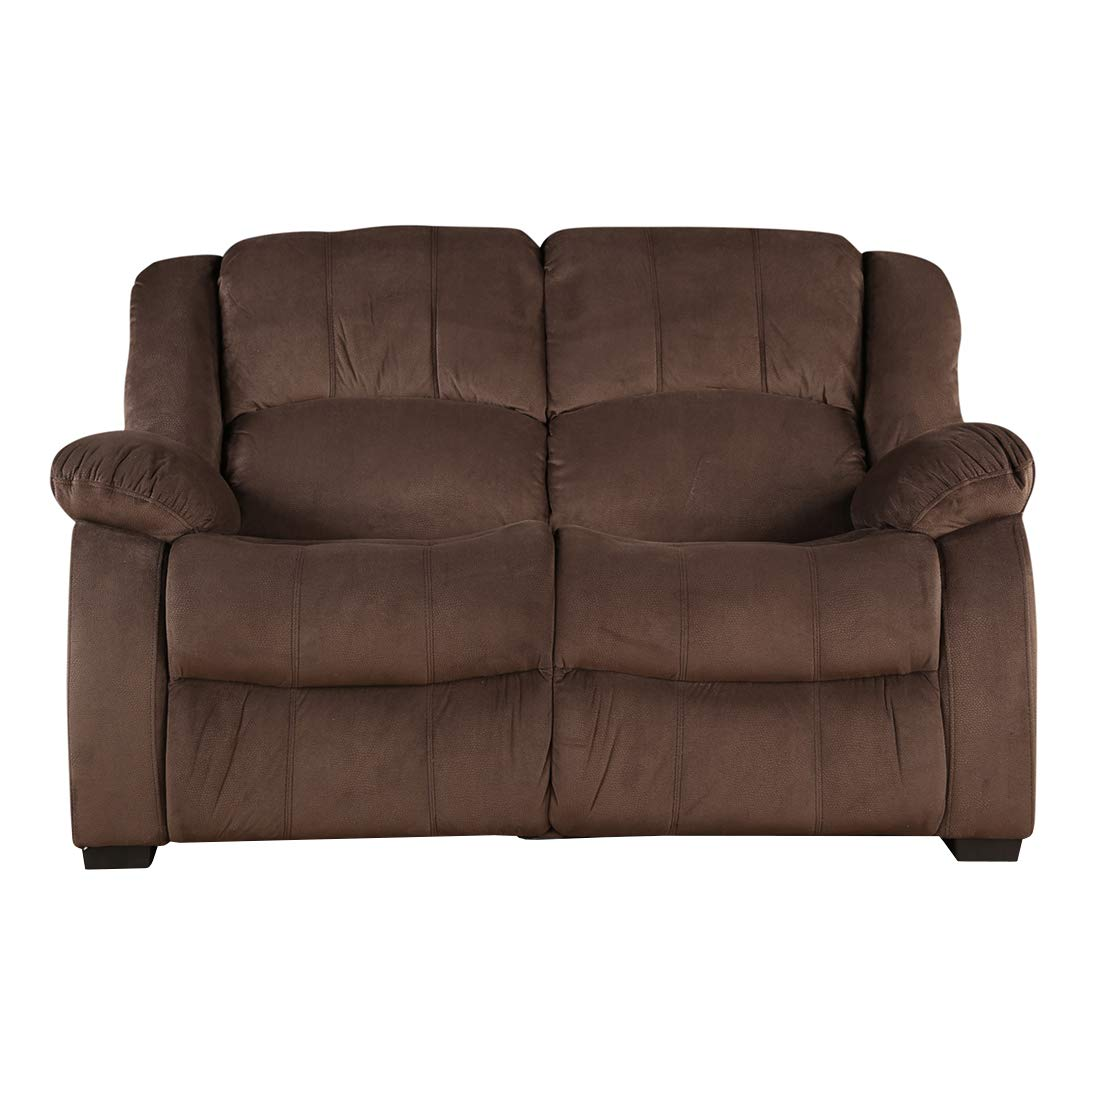 Rhea Two Seater Fabric Sofa Brown